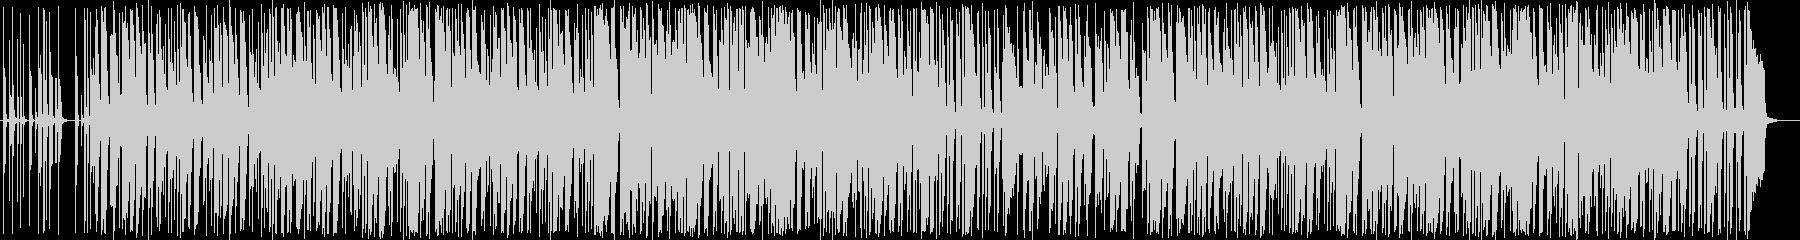 パステルカラーのボッサ風ポップスの未再生の波形